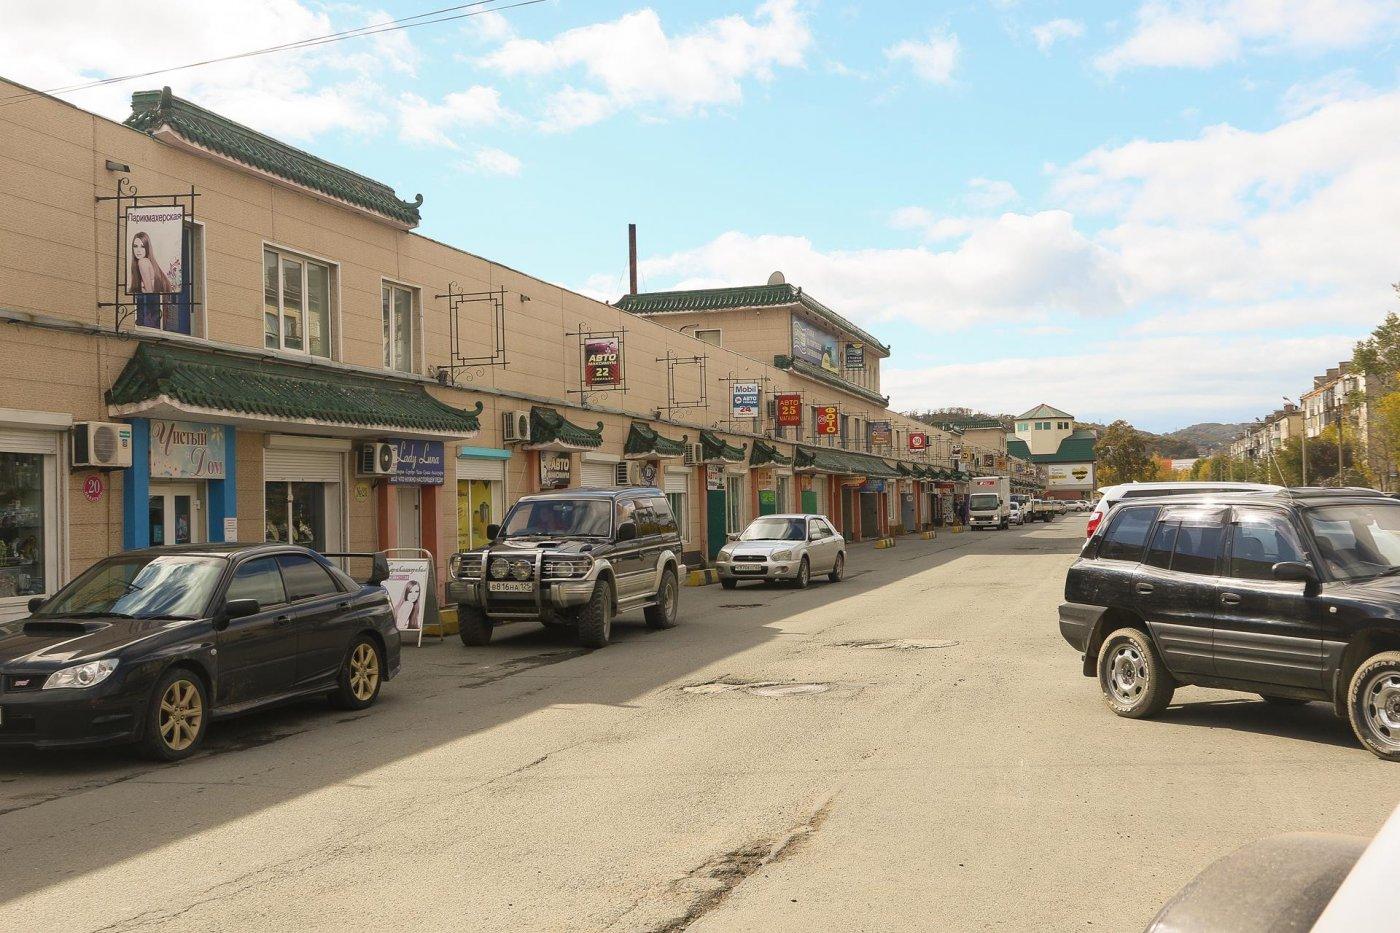 Фото 7076 (Copy).jpg. Россия, Приморский край, город Находка, Unnamed Road